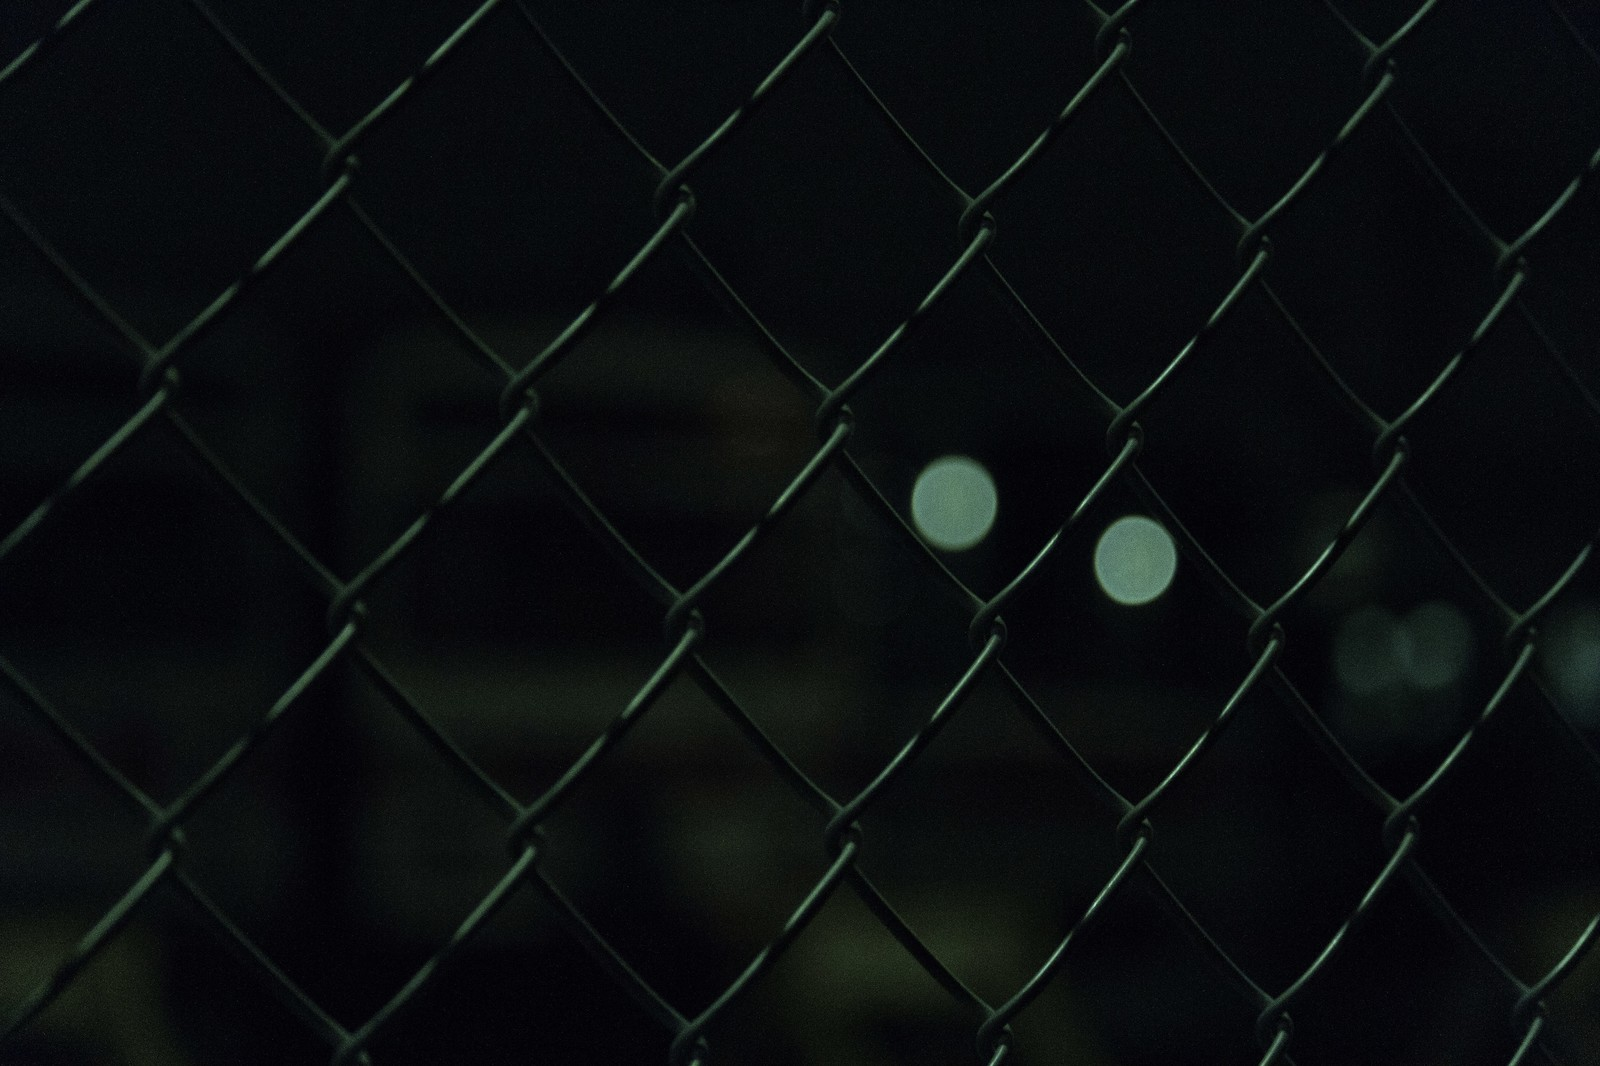 「夜の金網越し | 写真の無料素材・フリー素材 - ぱくたそ」の写真